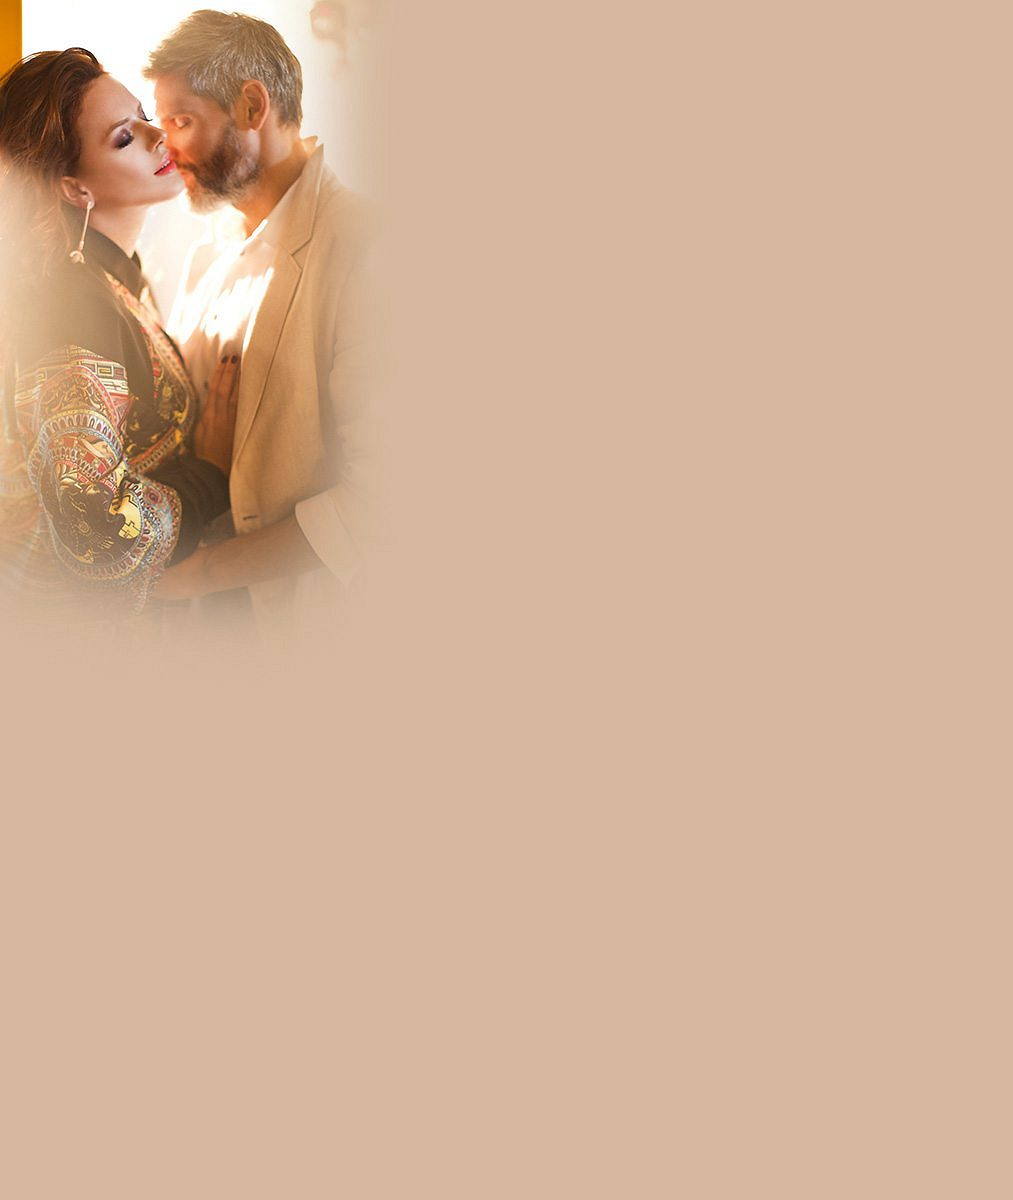 Hvězda Ordinace Růžičková se exkluzivně svěřila s pocity po porodu. Její slova vás dojmou